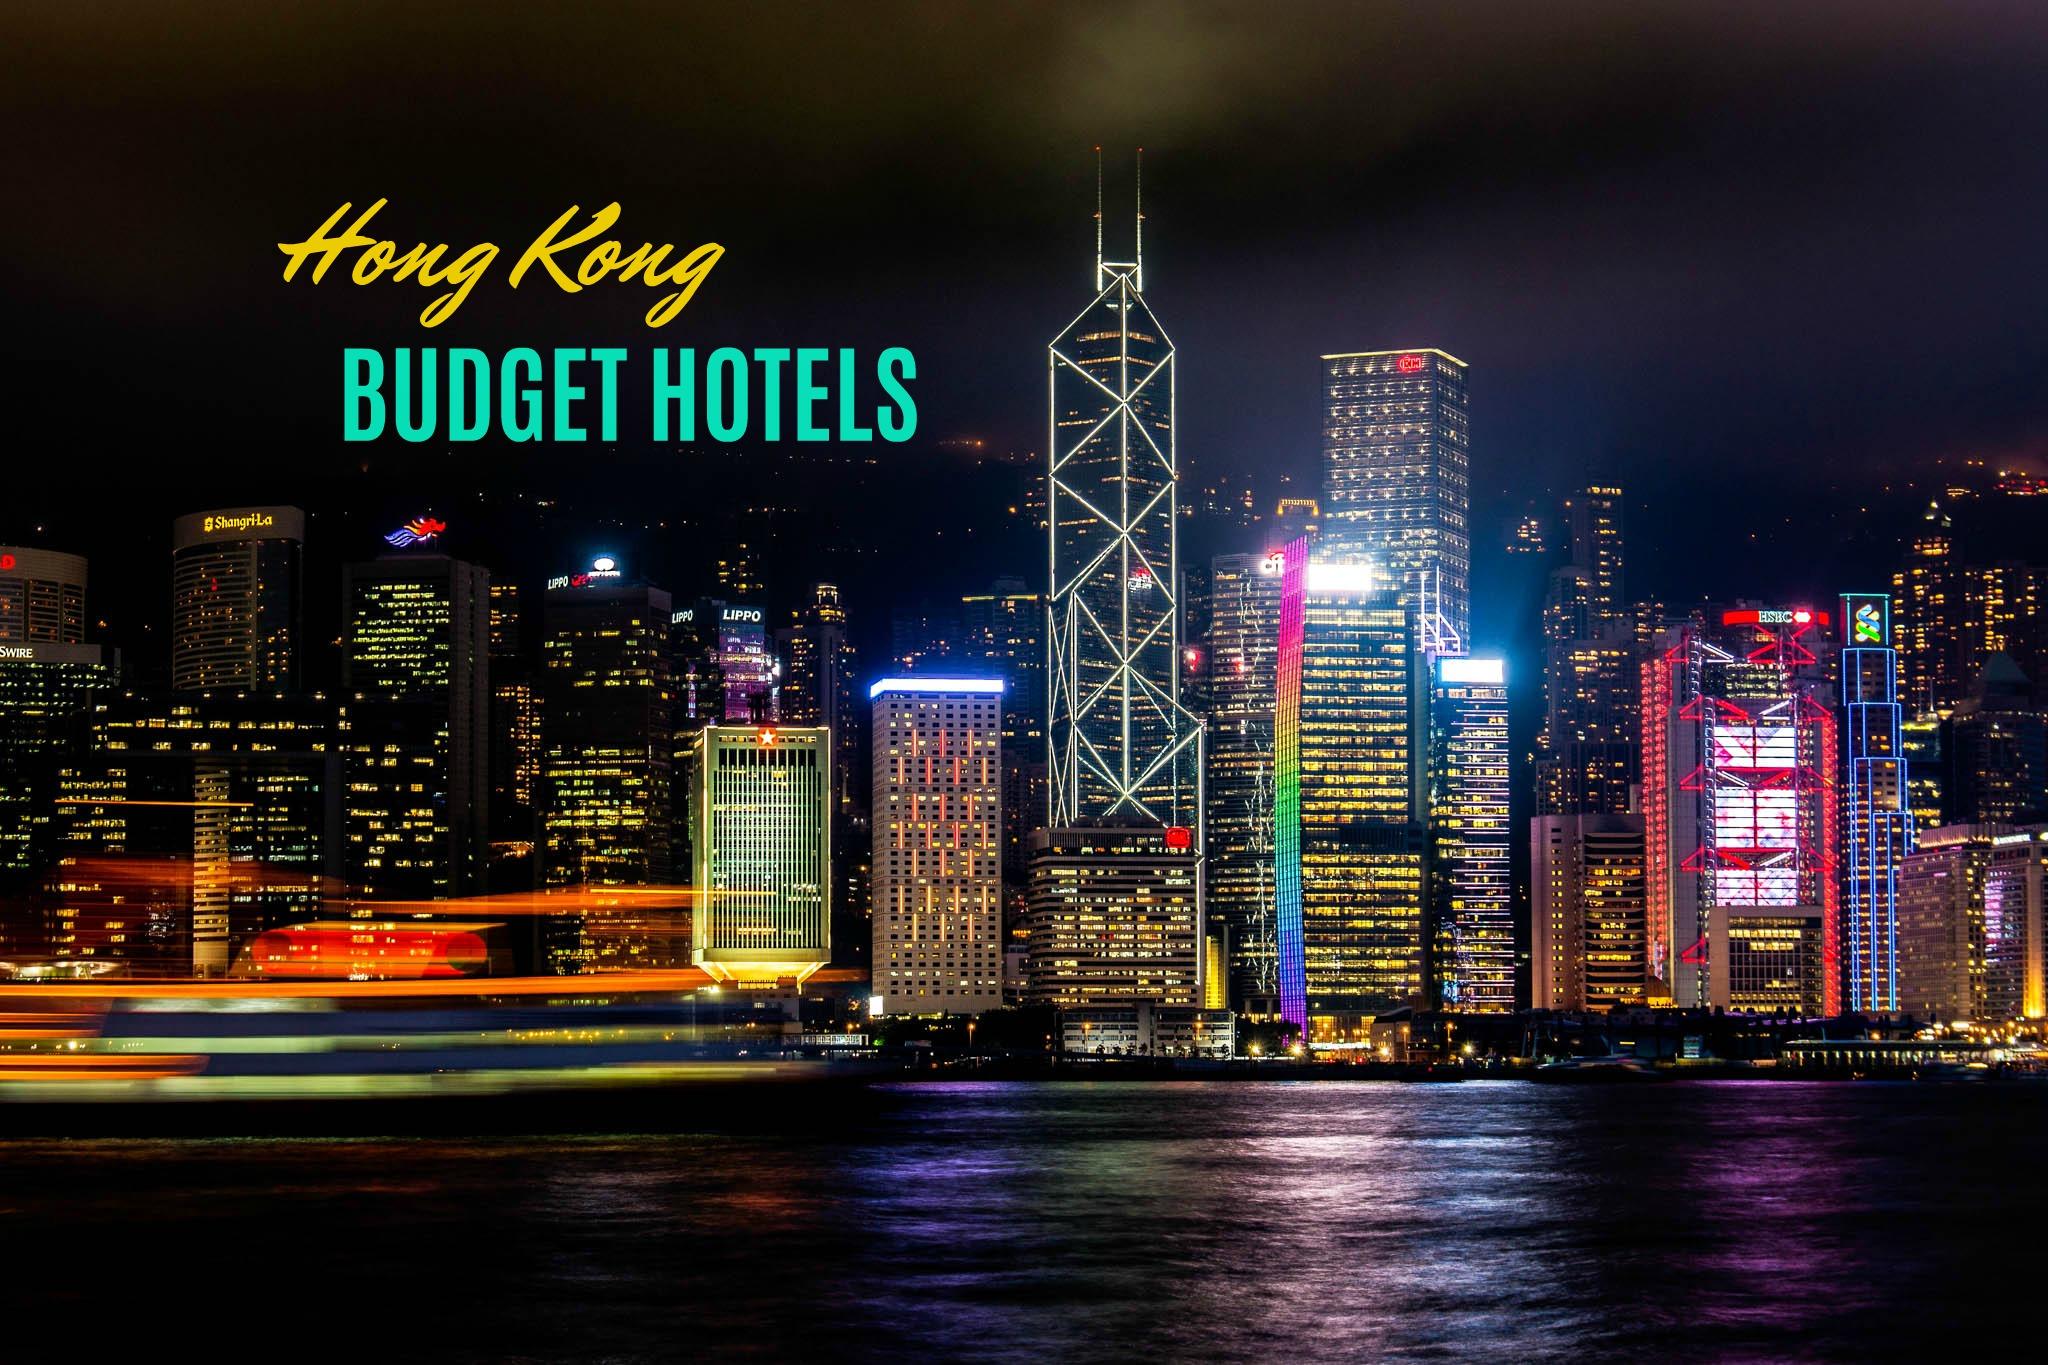 HONG KONG : Budget Hotels